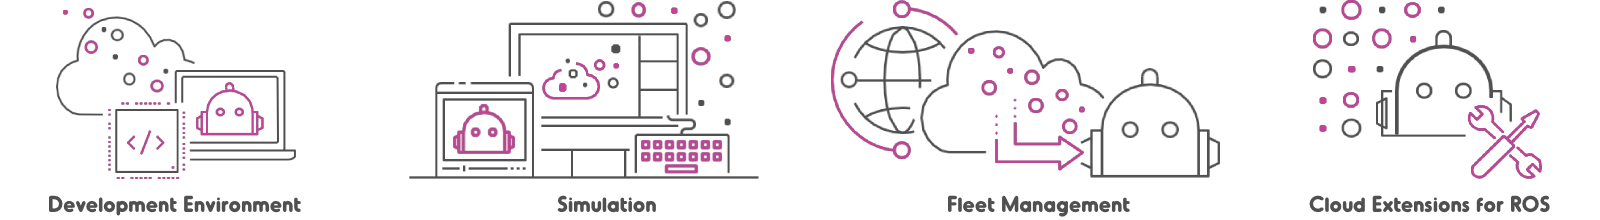 AWS RoboMaker service suite - Development Environment, Simulation, Fleet Management, Cloud Extensions for ROS